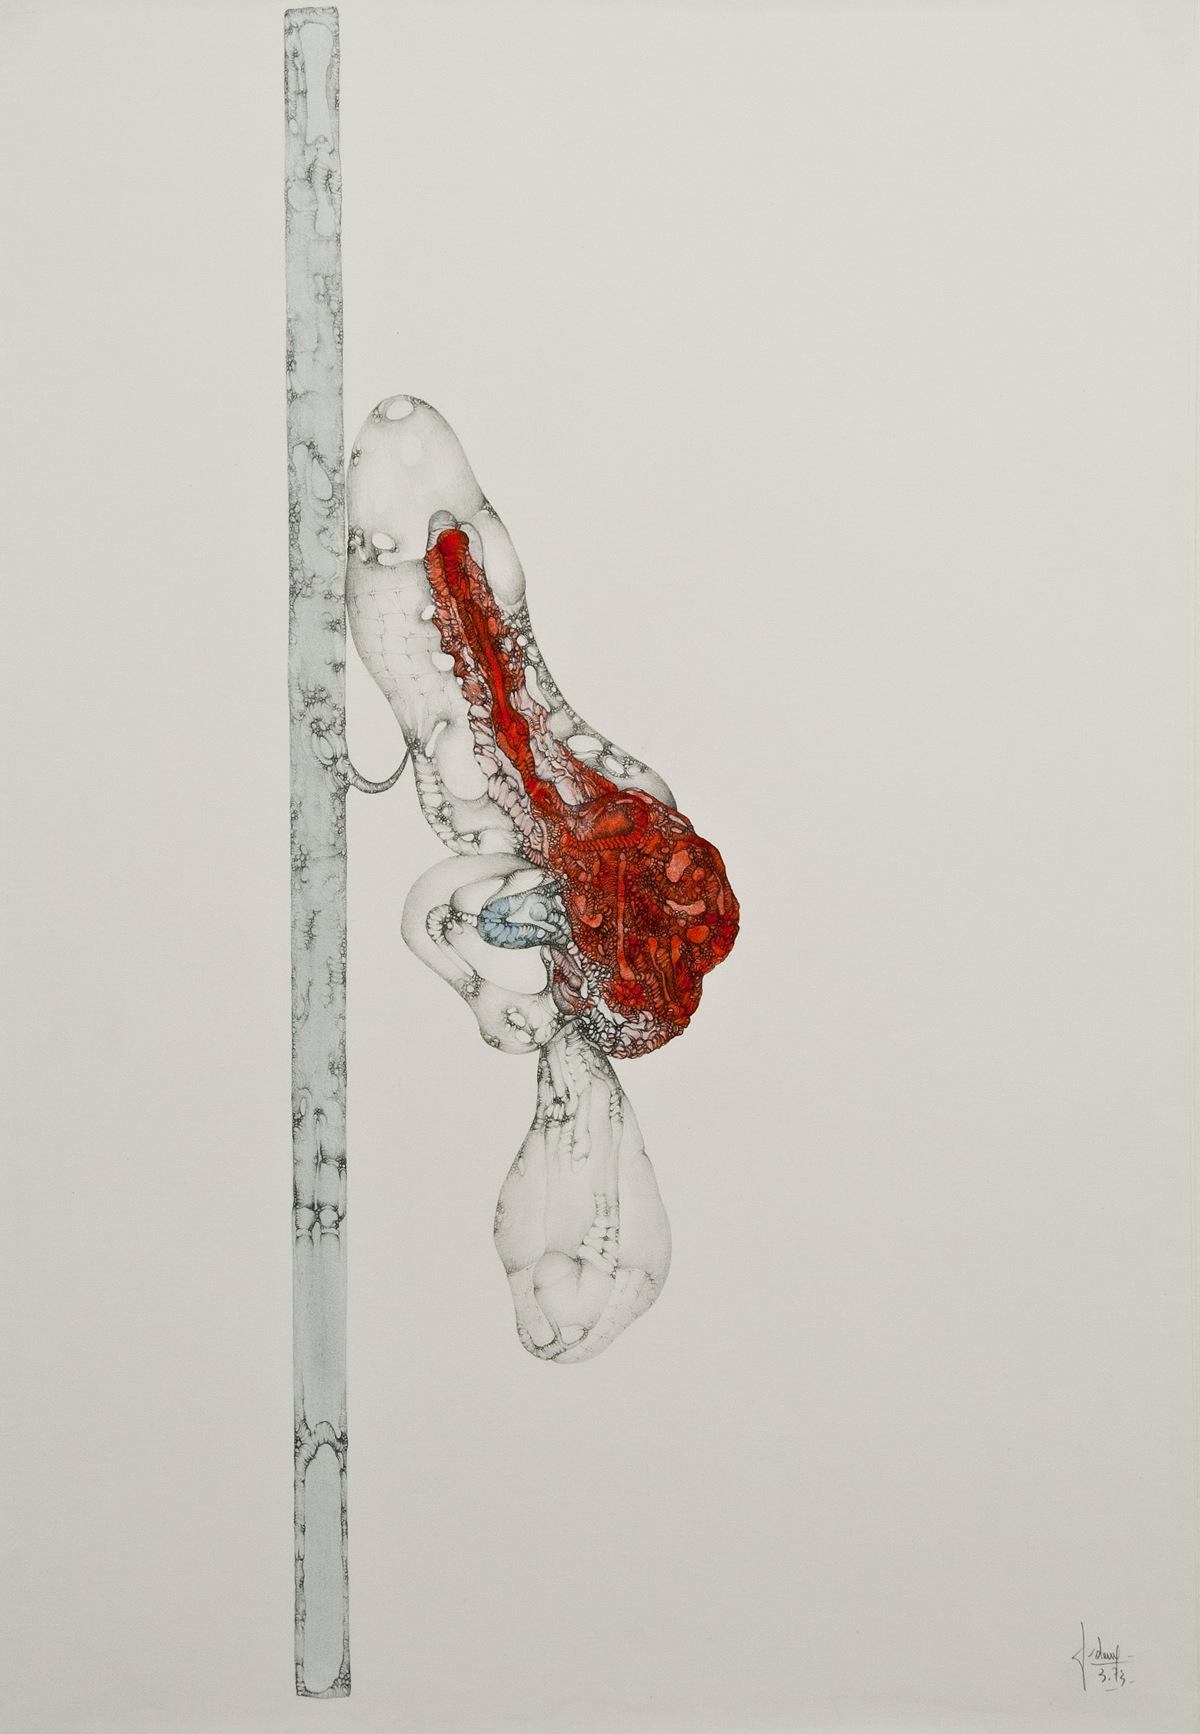 L'agonie, mine de plomb et peinture@(75 x 55 cm)